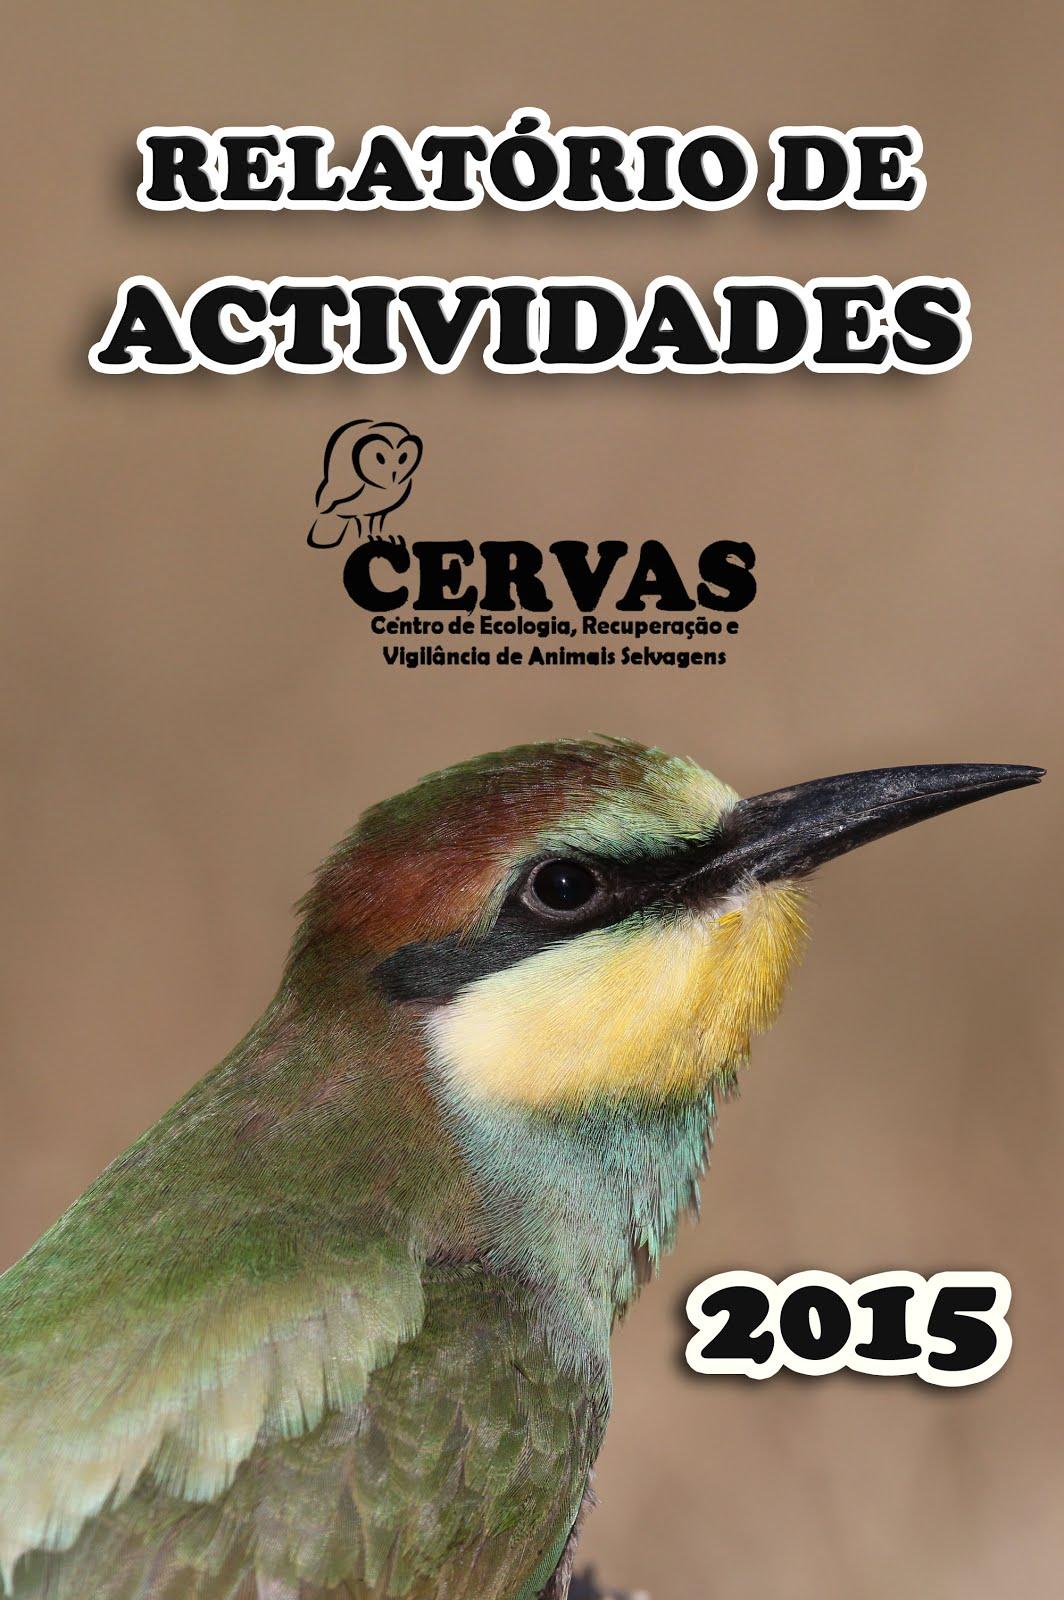 Relatório de actividades CERVAS 2015